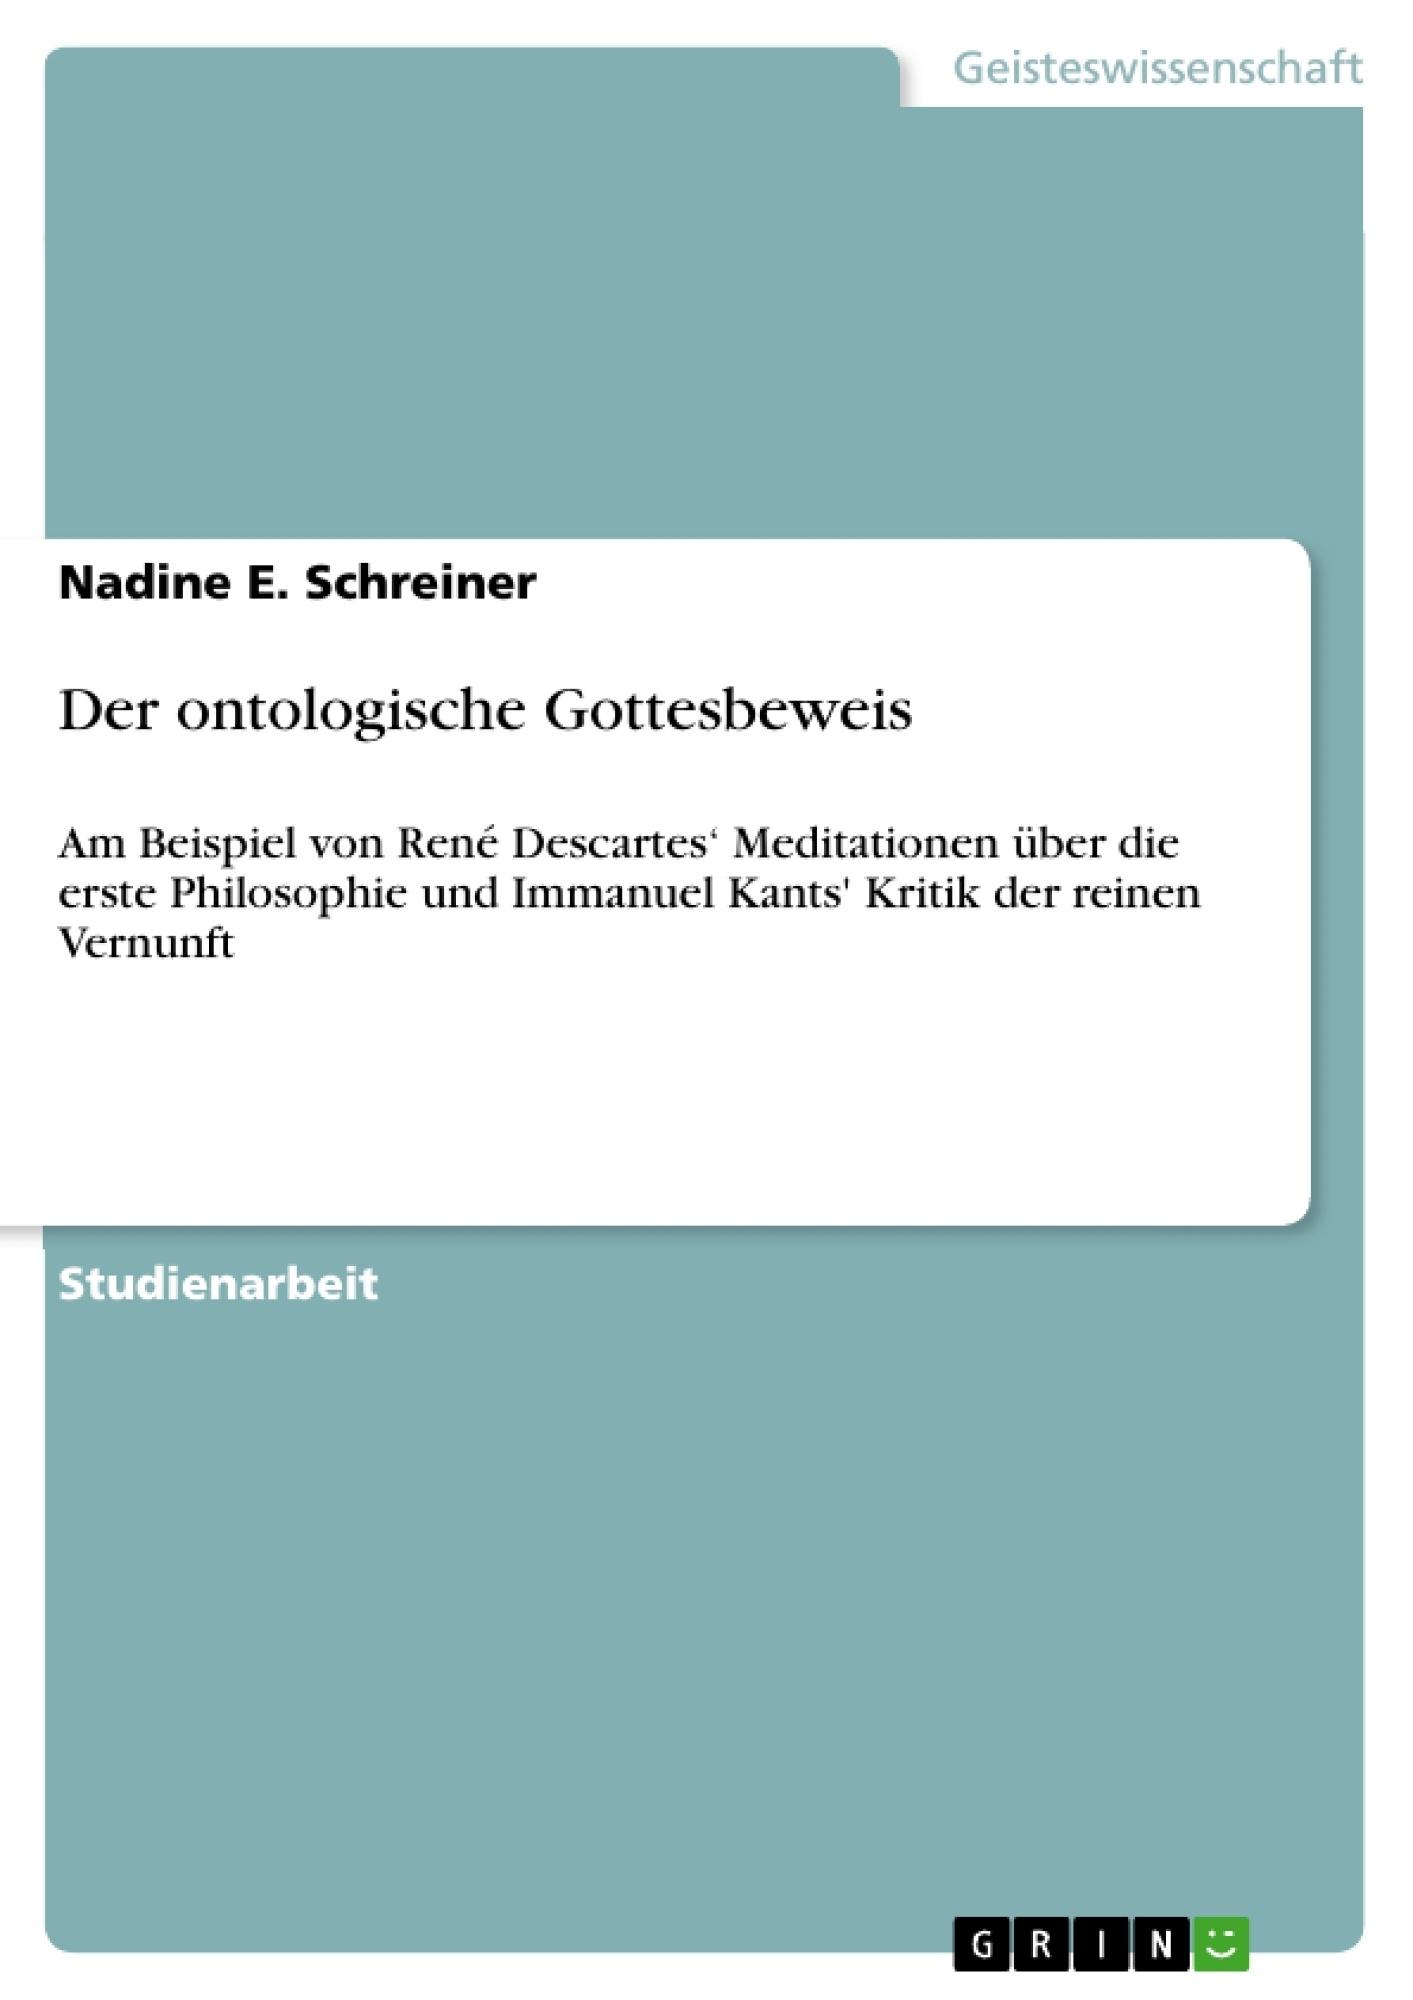 Titel: Der ontologische Gottesbeweis